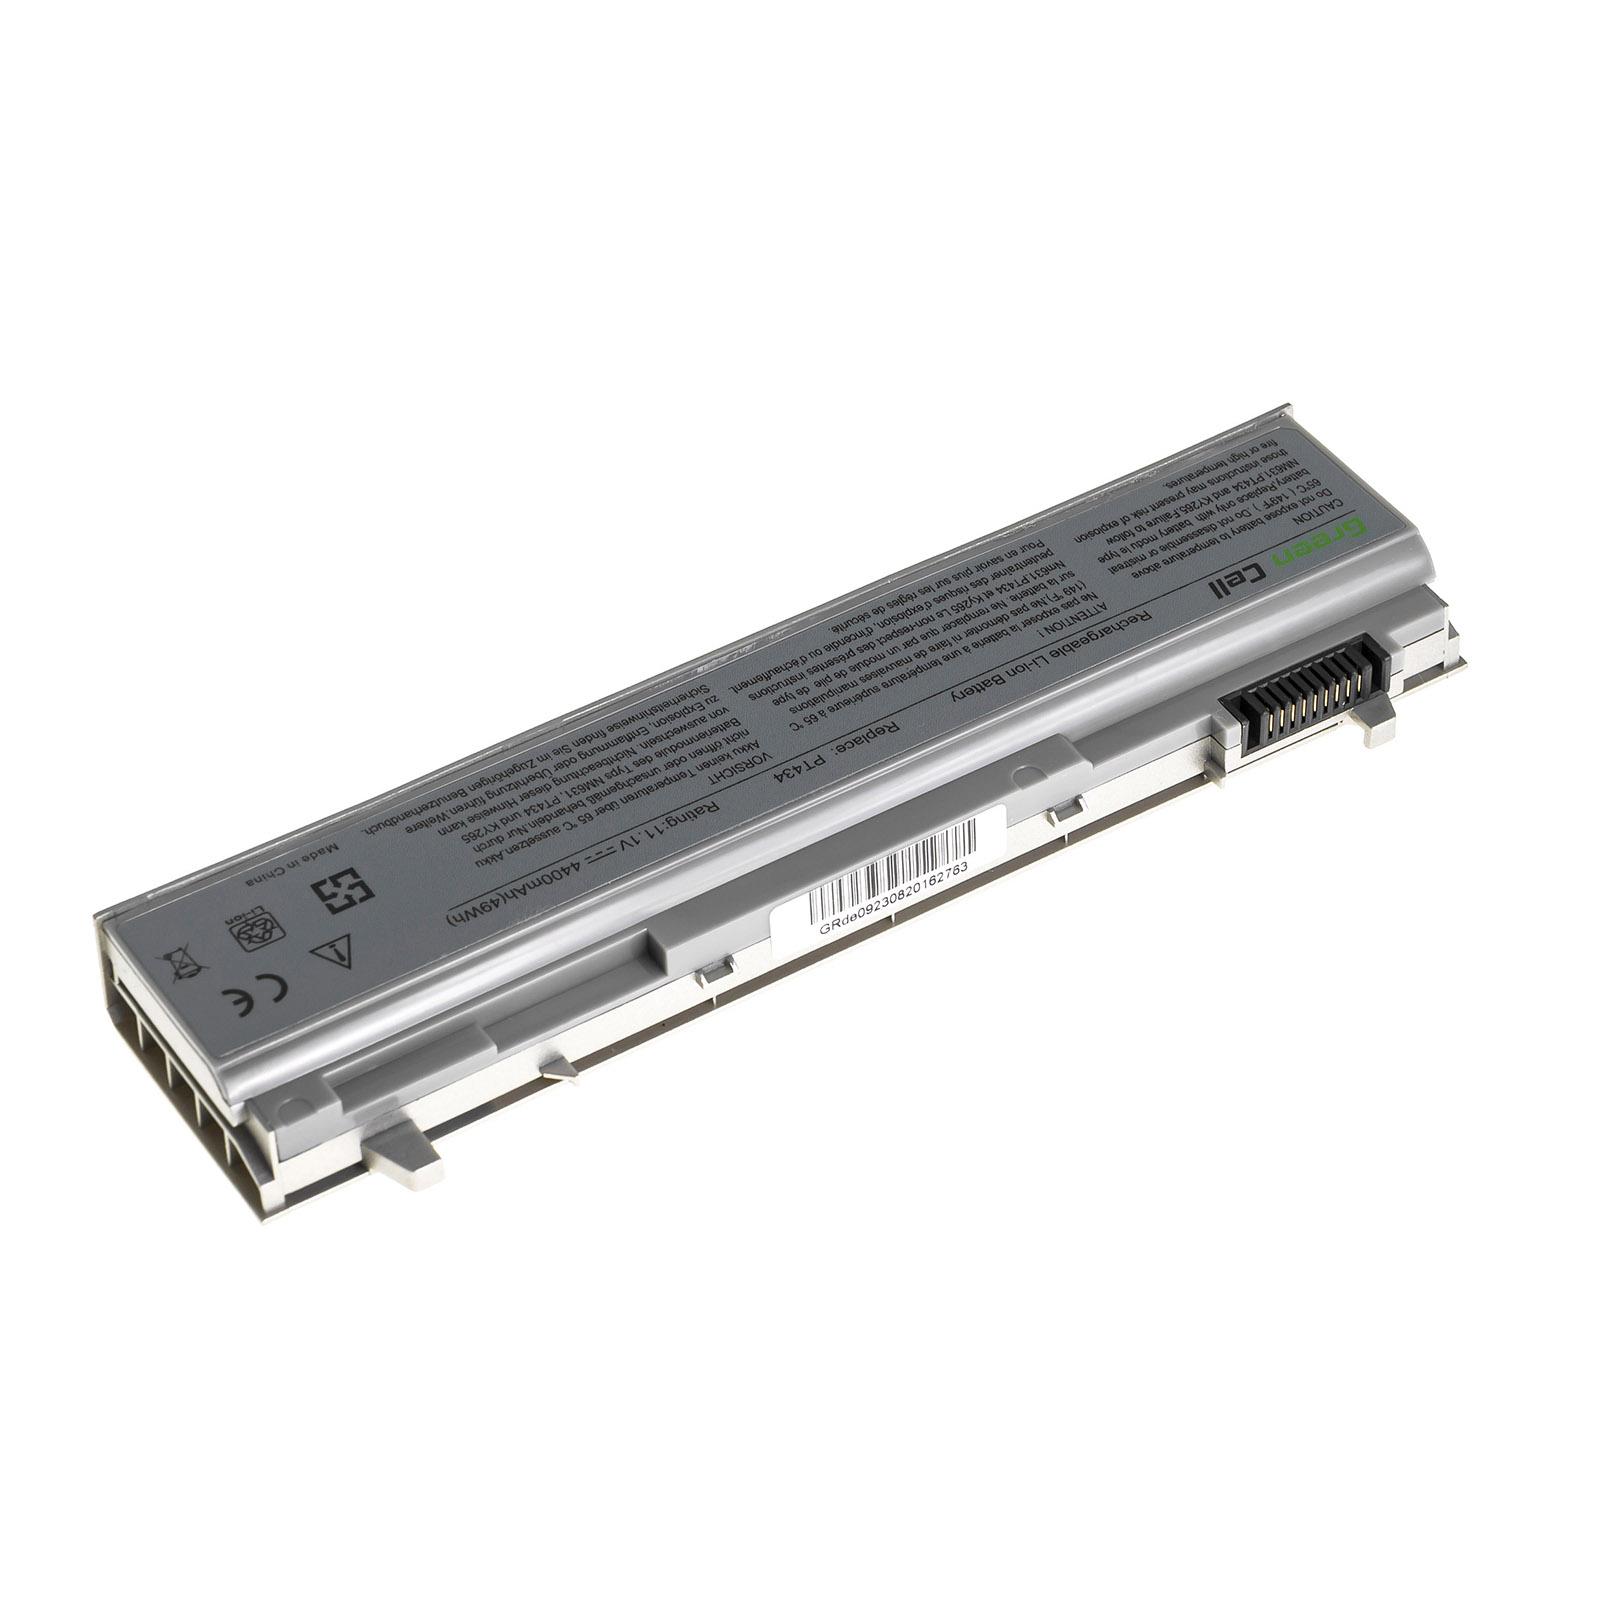 Battery-for-Dell-Latitude-E6400-E6410-E6500-E6510-Laptop-4400mAh thumbnail 4